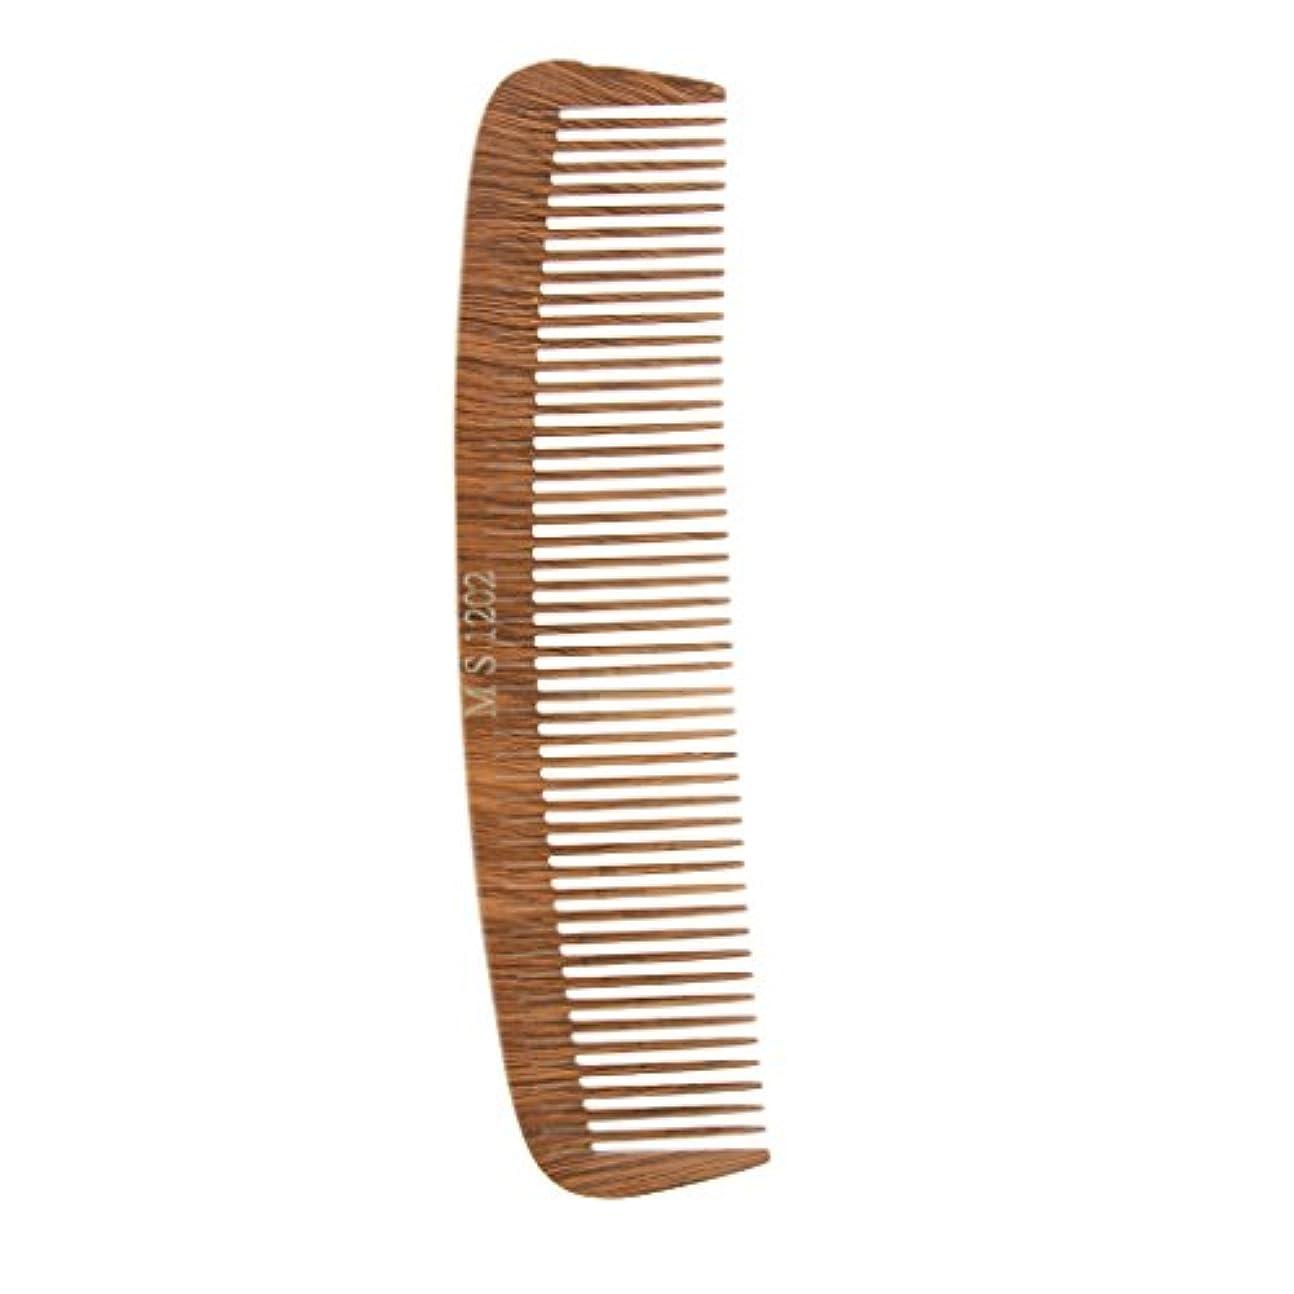 ヘアカットコーム コーム 木製櫛 帯電防止 4タイプ選べる - 1202